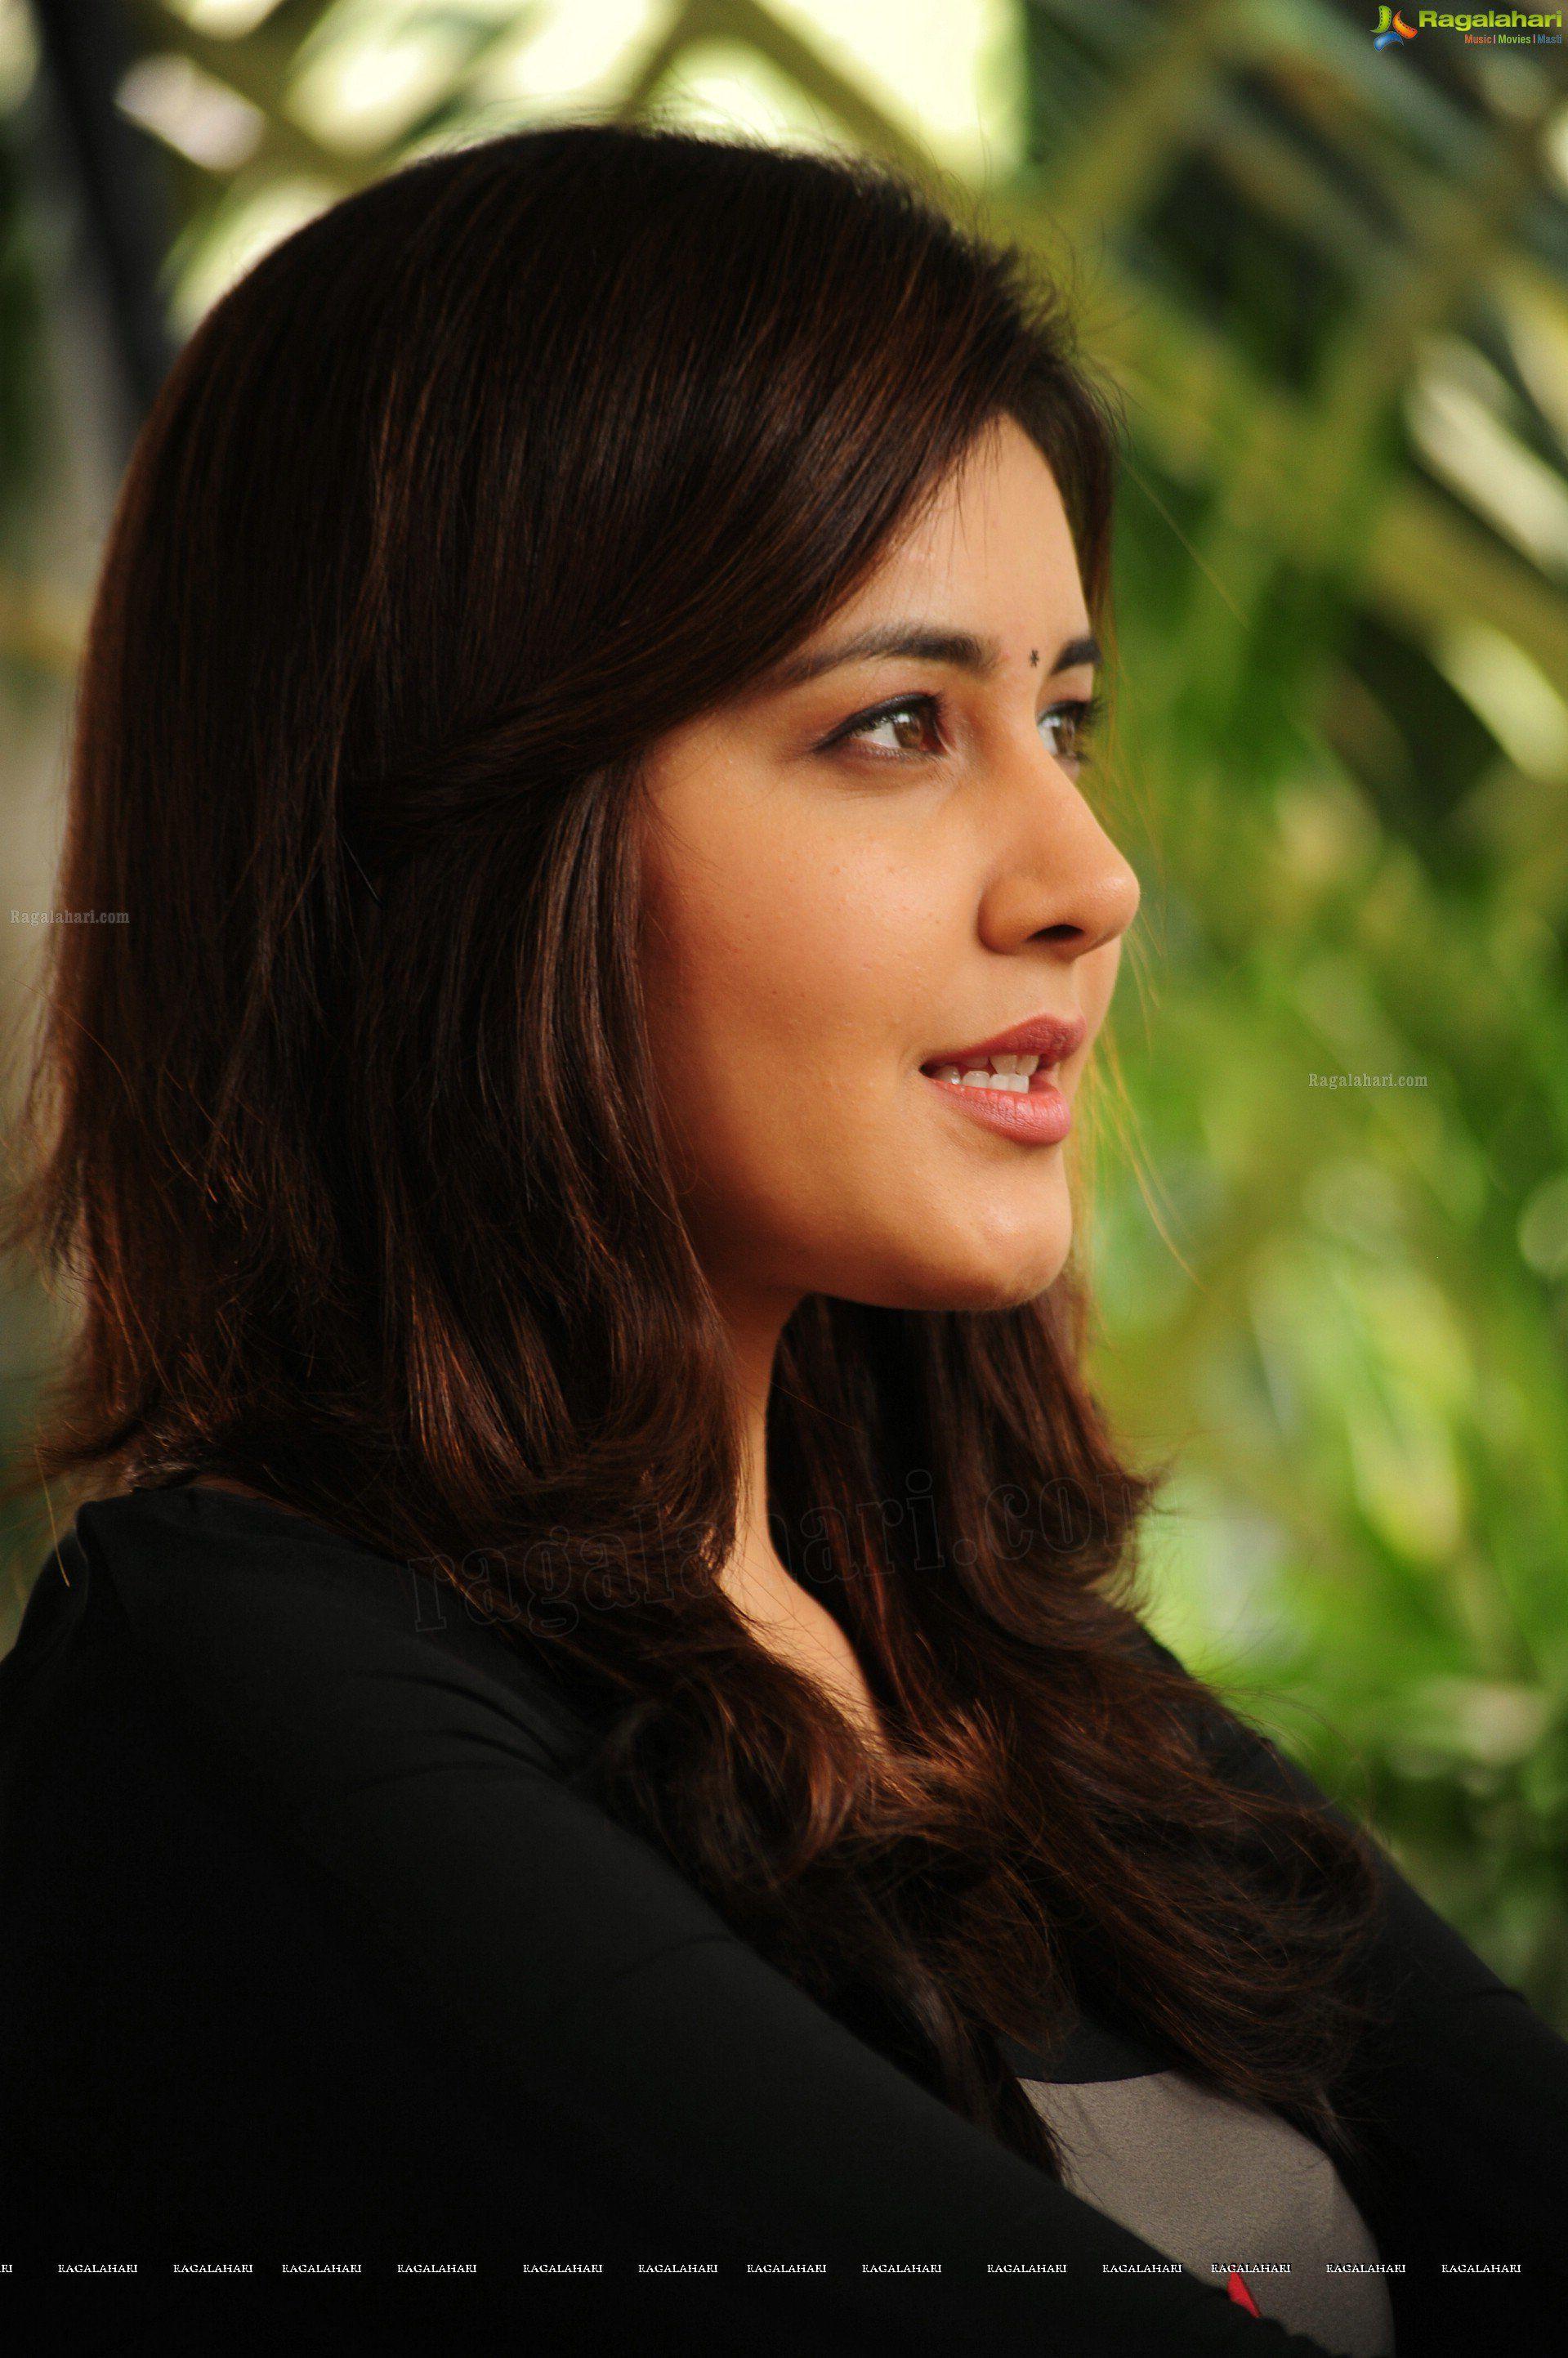 HD s Gorgeous Rashi Khanna in Saree